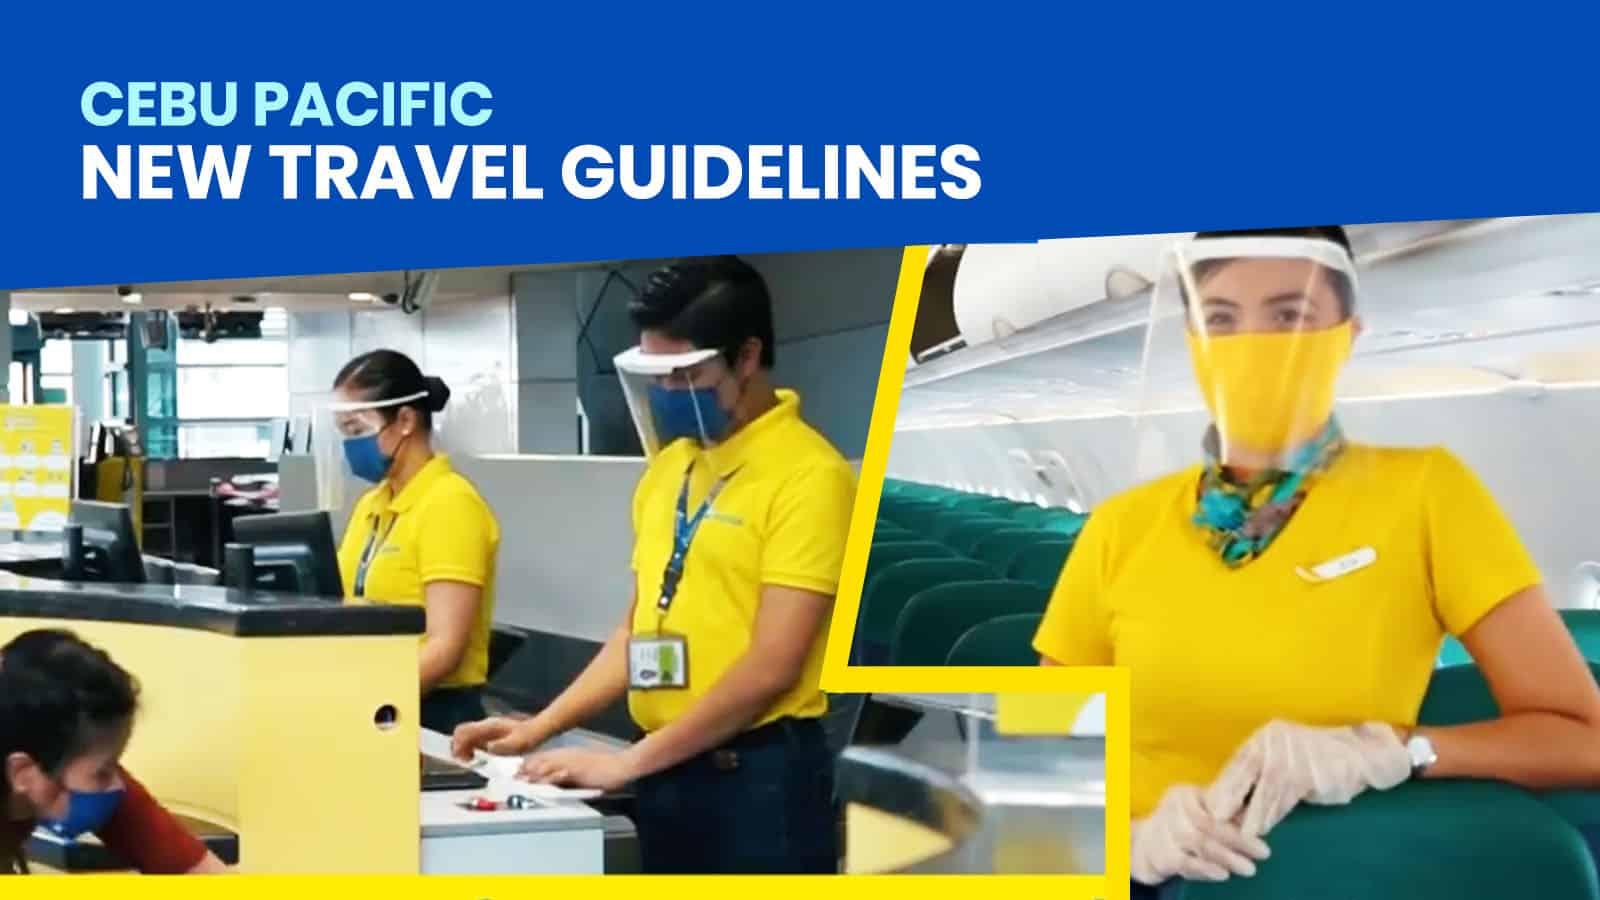 宿雾太平洋新旅行指南。飞行前、飞行中和飞行后 | 穷游者的行程安排博客